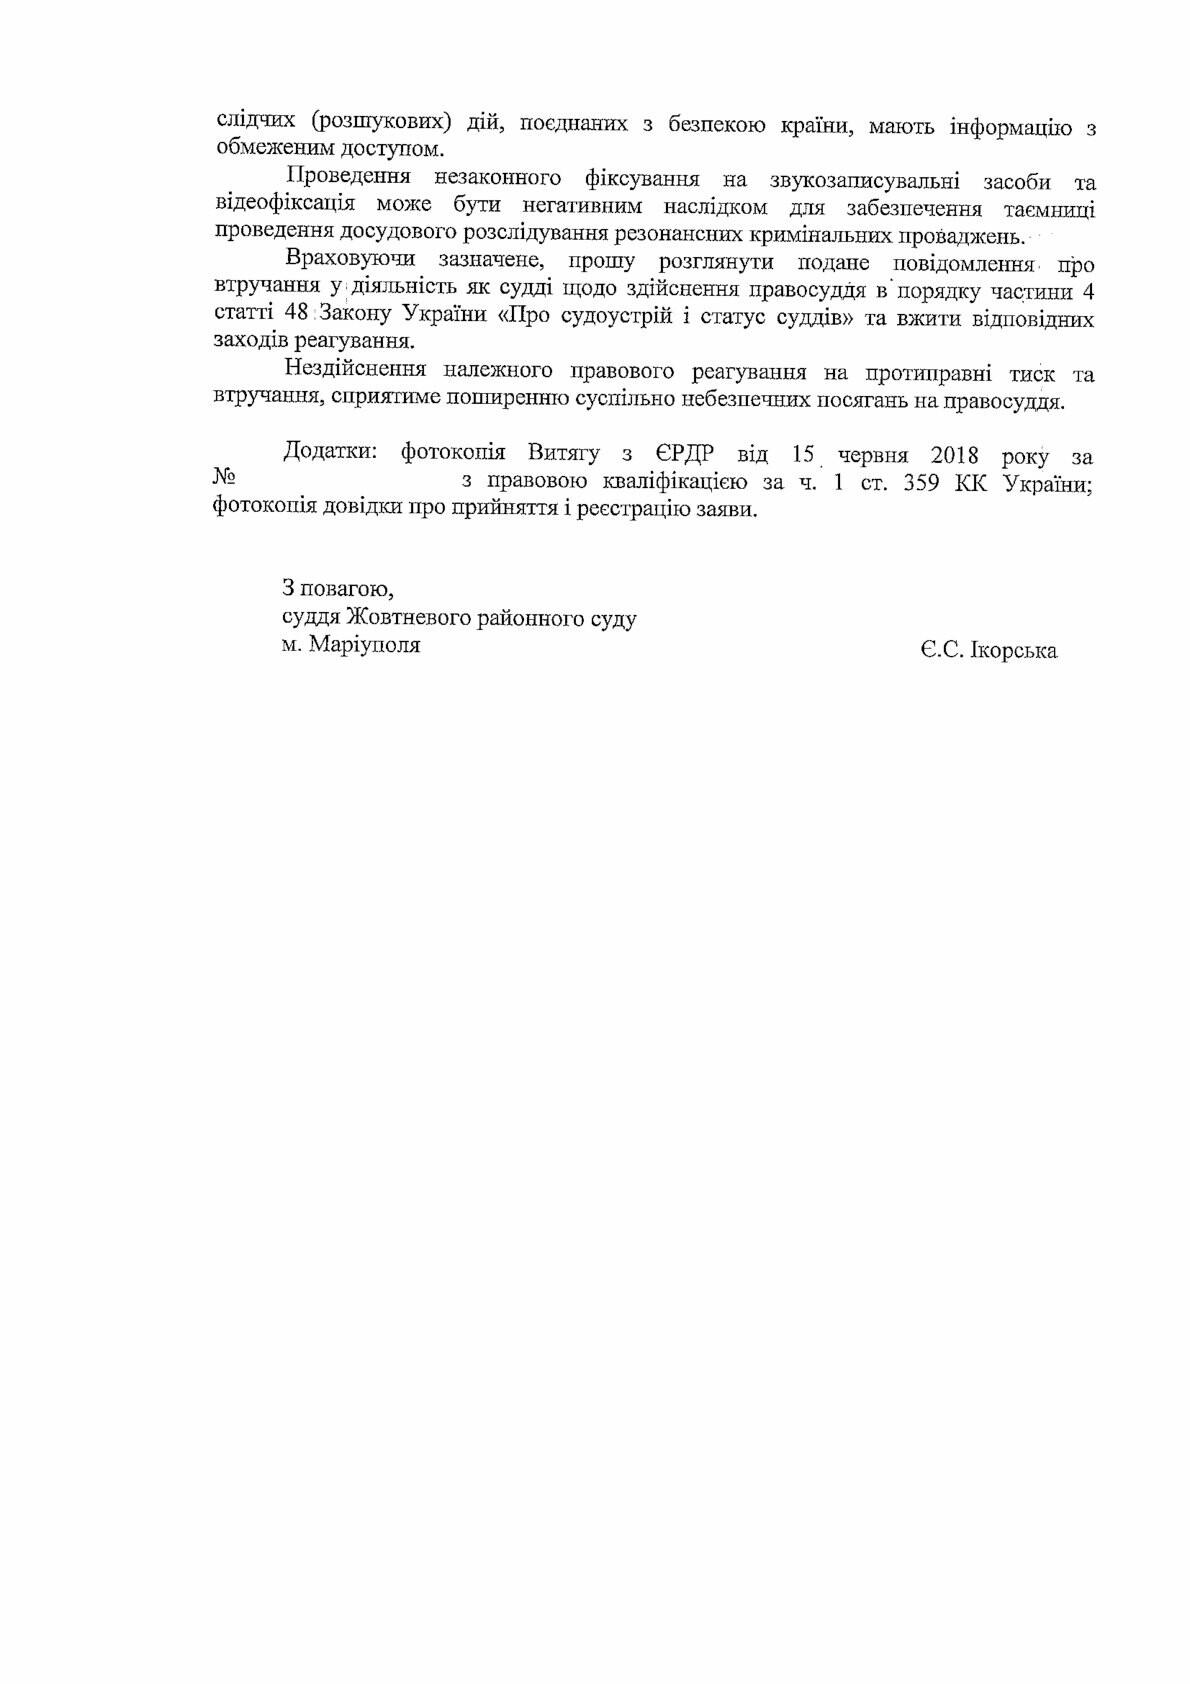 В Жовтневом суде Мариуполя обнаружили шпионскую аппаратуру, - Документ, фото-4